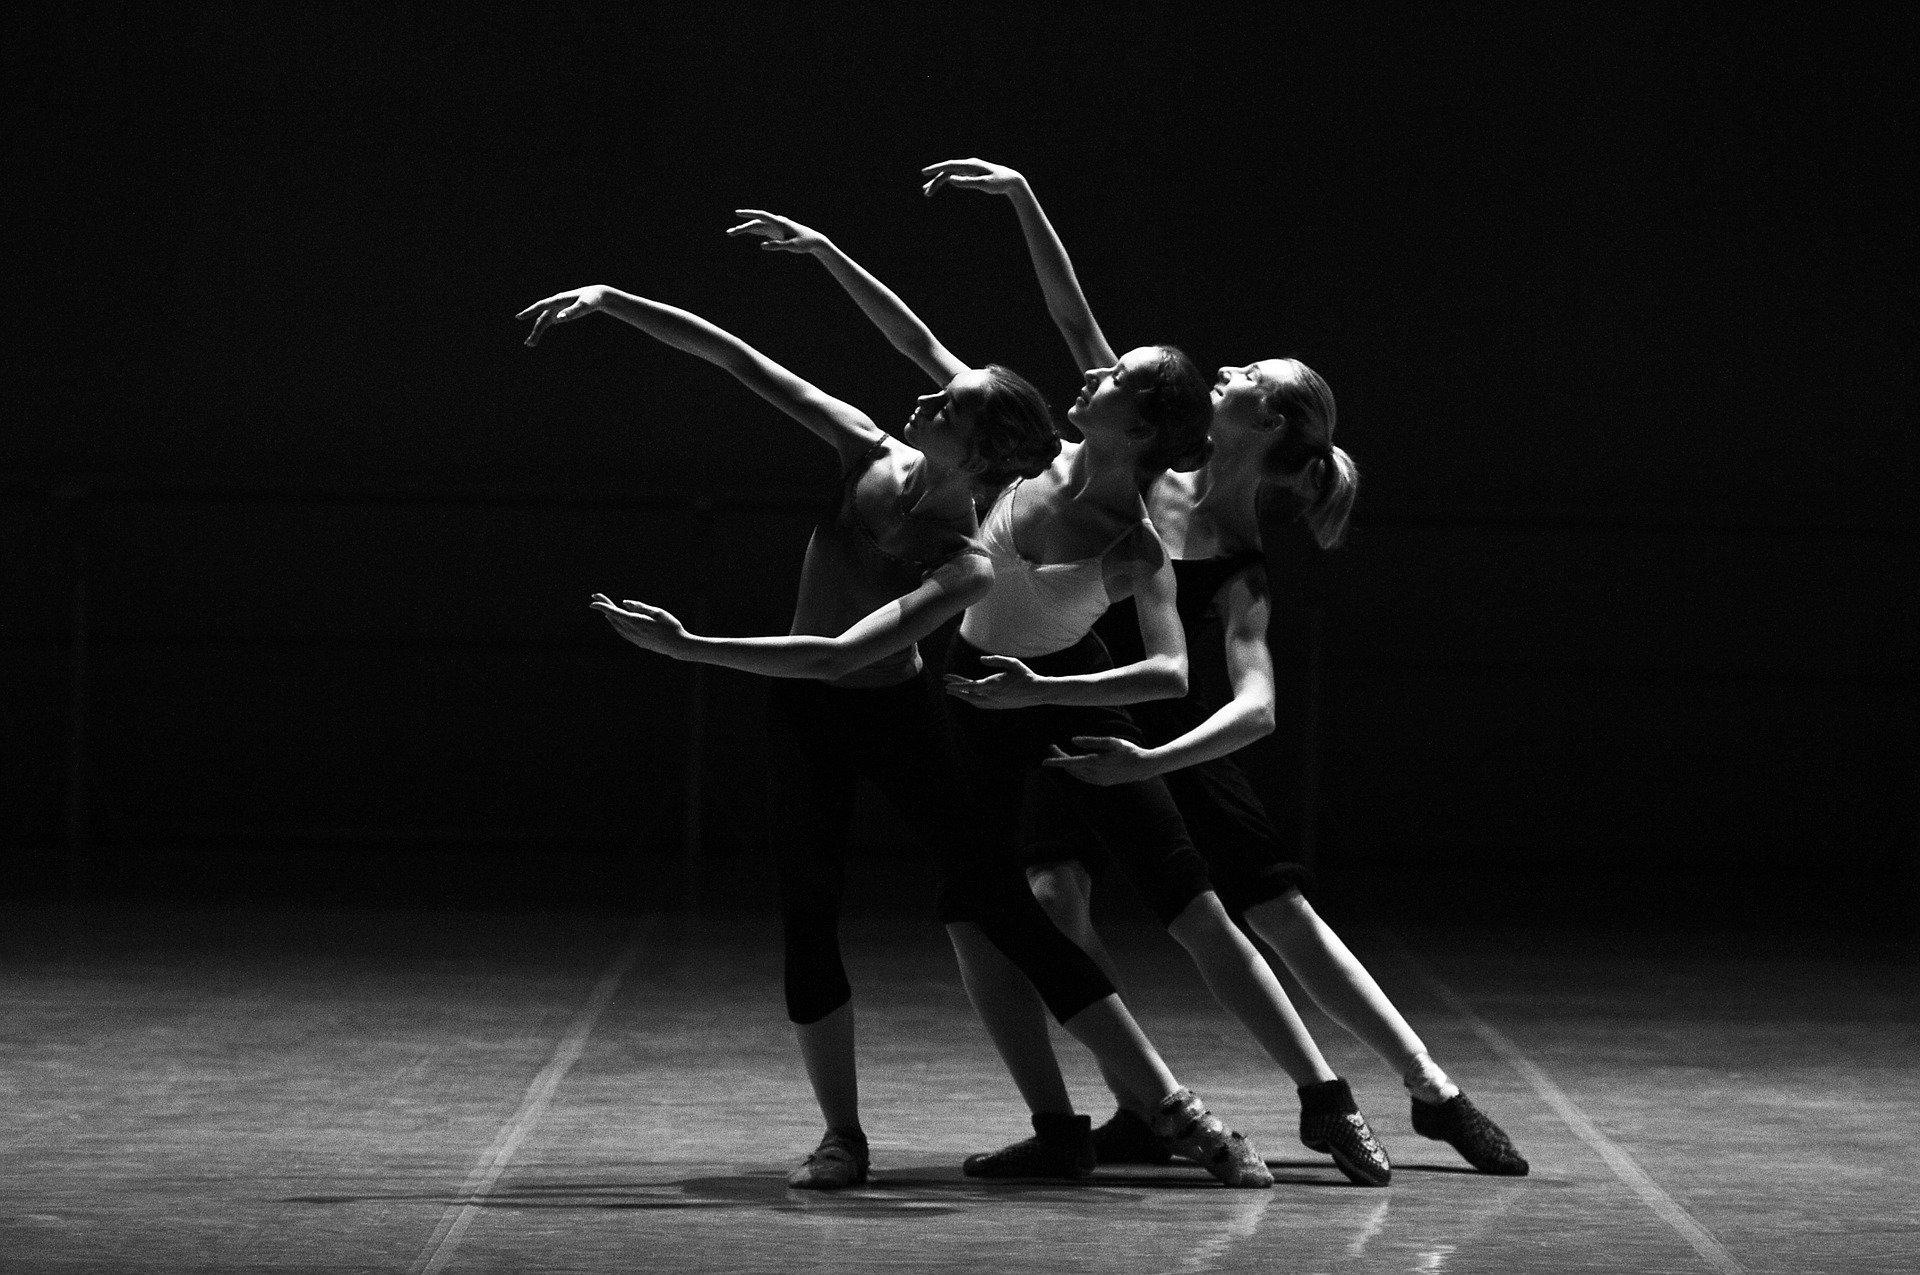 רקדניות מודעות לתנועתן במרחב.